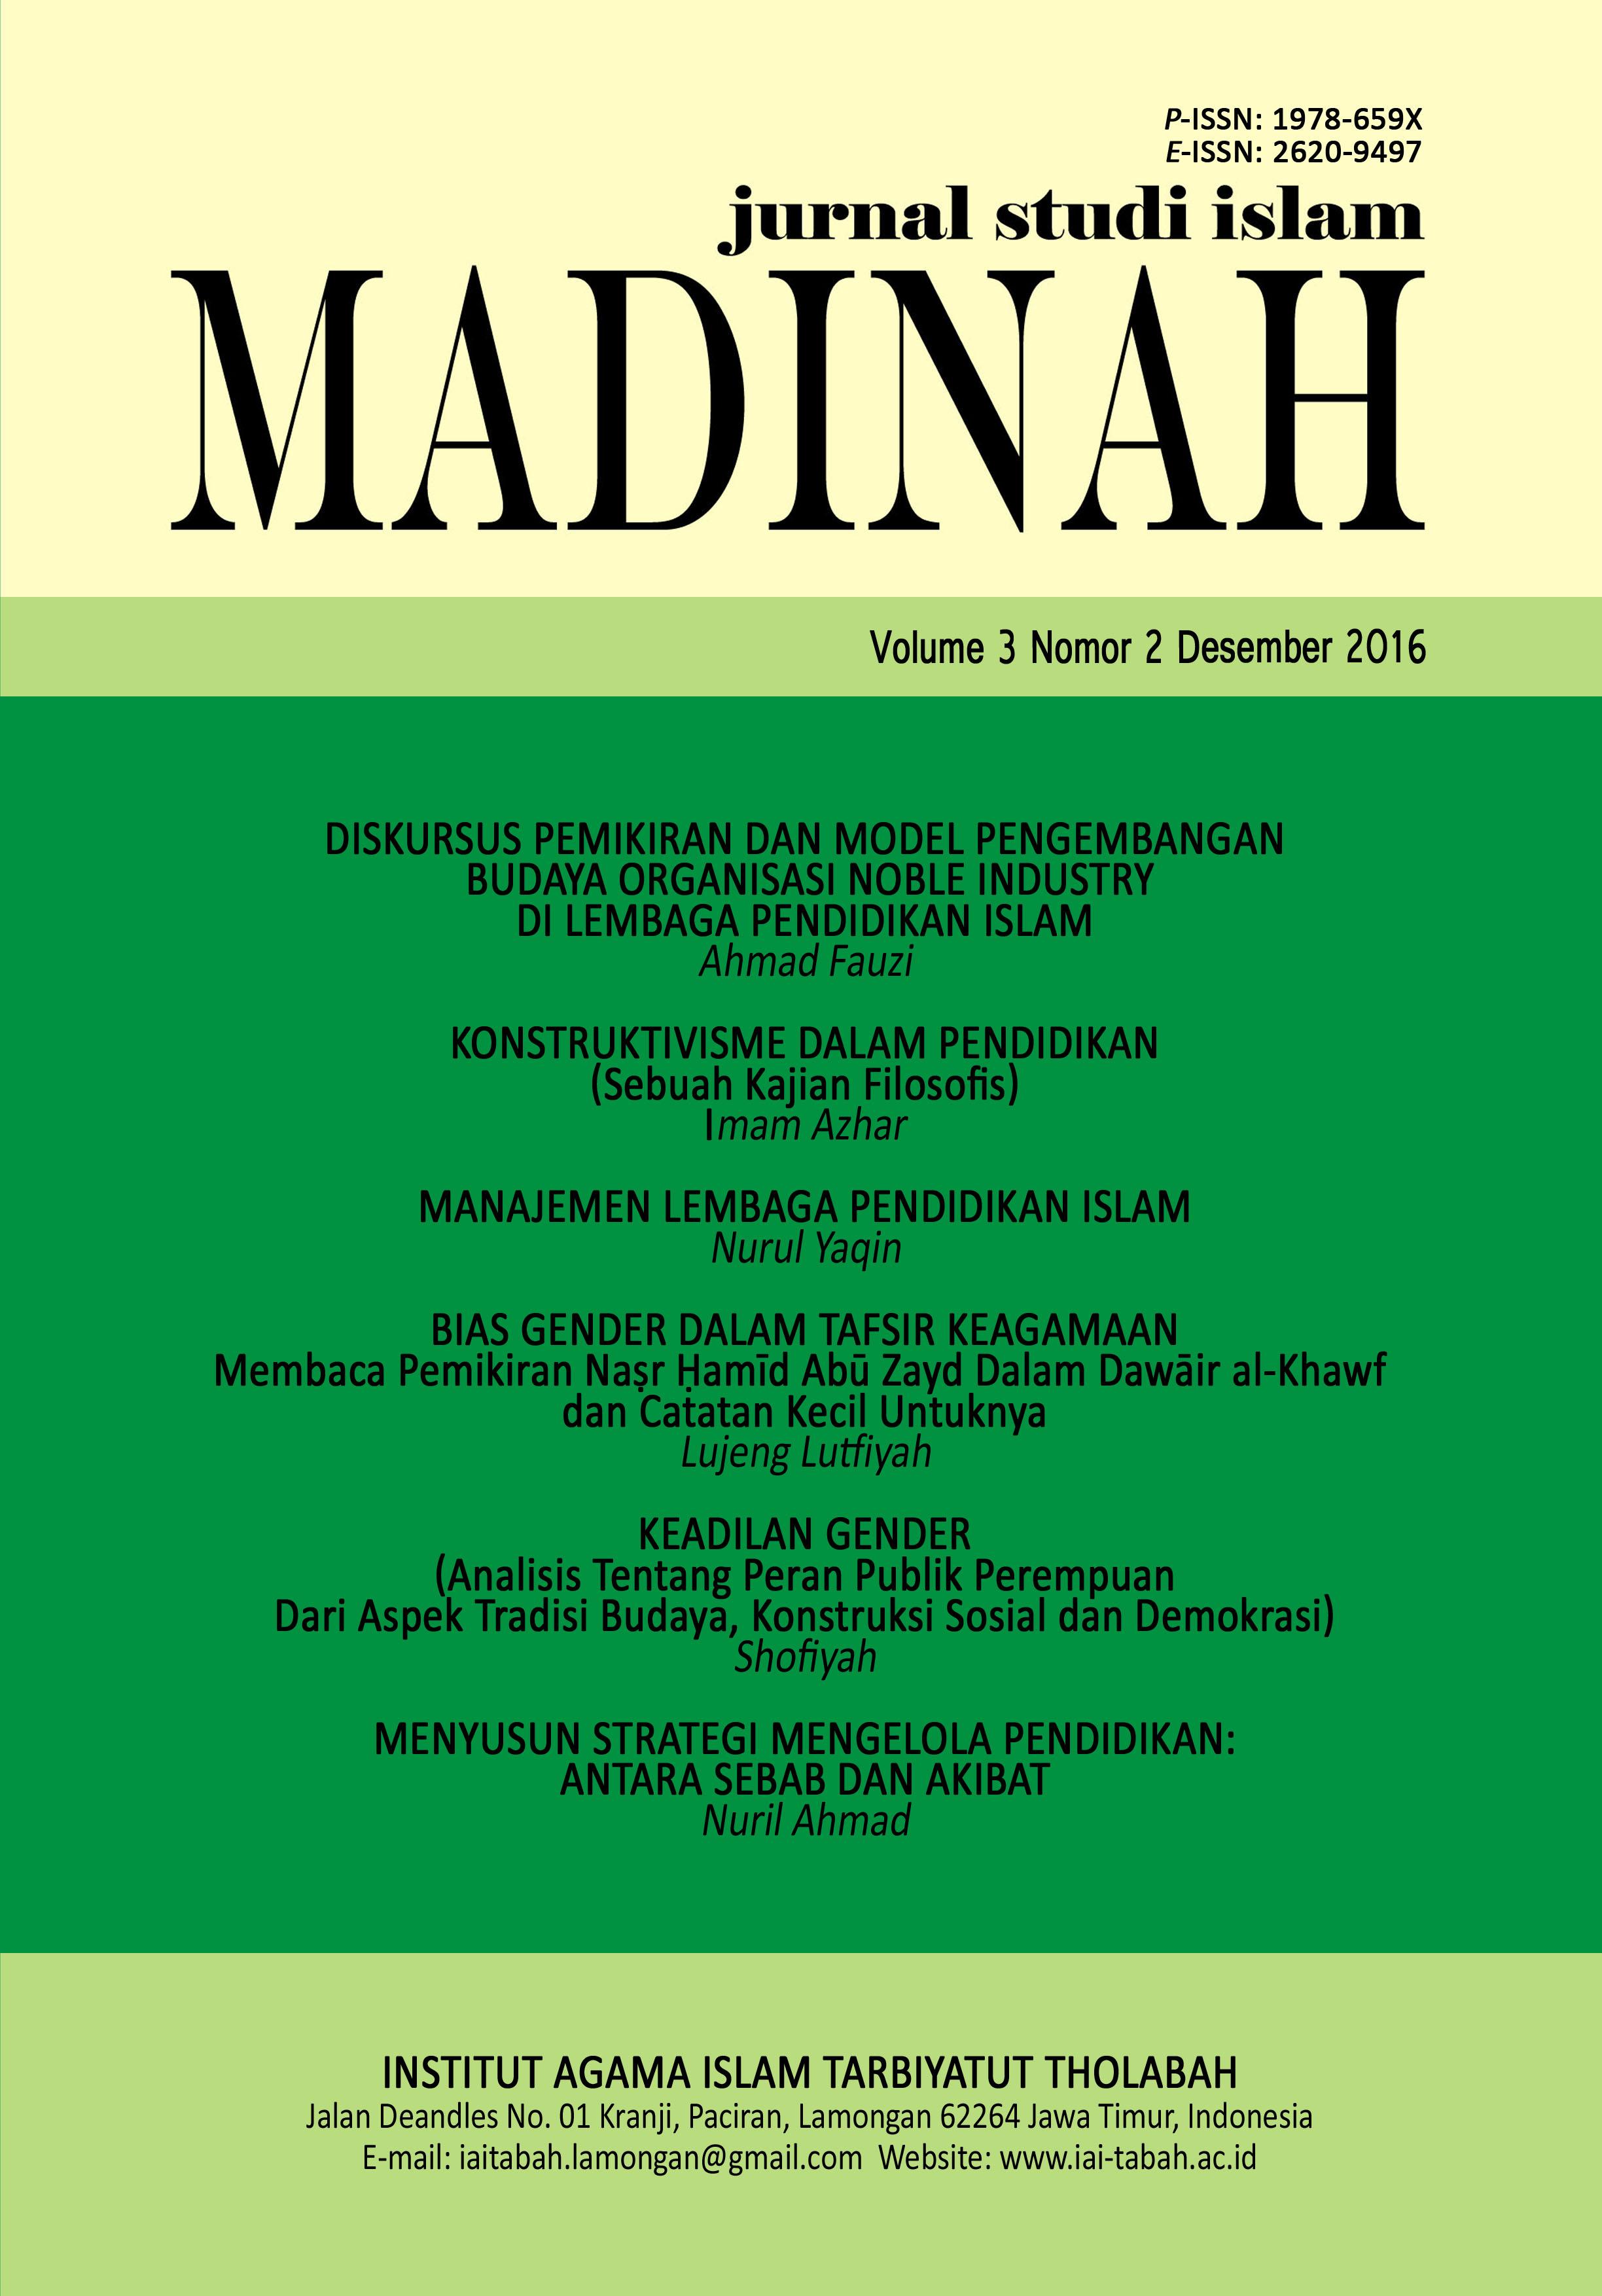 Manajemen Lembaga Pendidikan Islam Madinah Jurnal Studi Islam